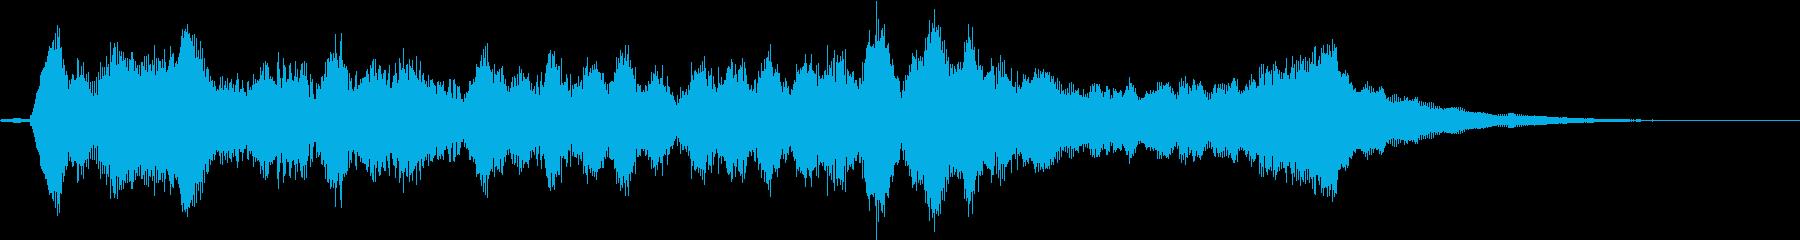 生演奏:美しく折り重なる弦楽四重奏の再生済みの波形